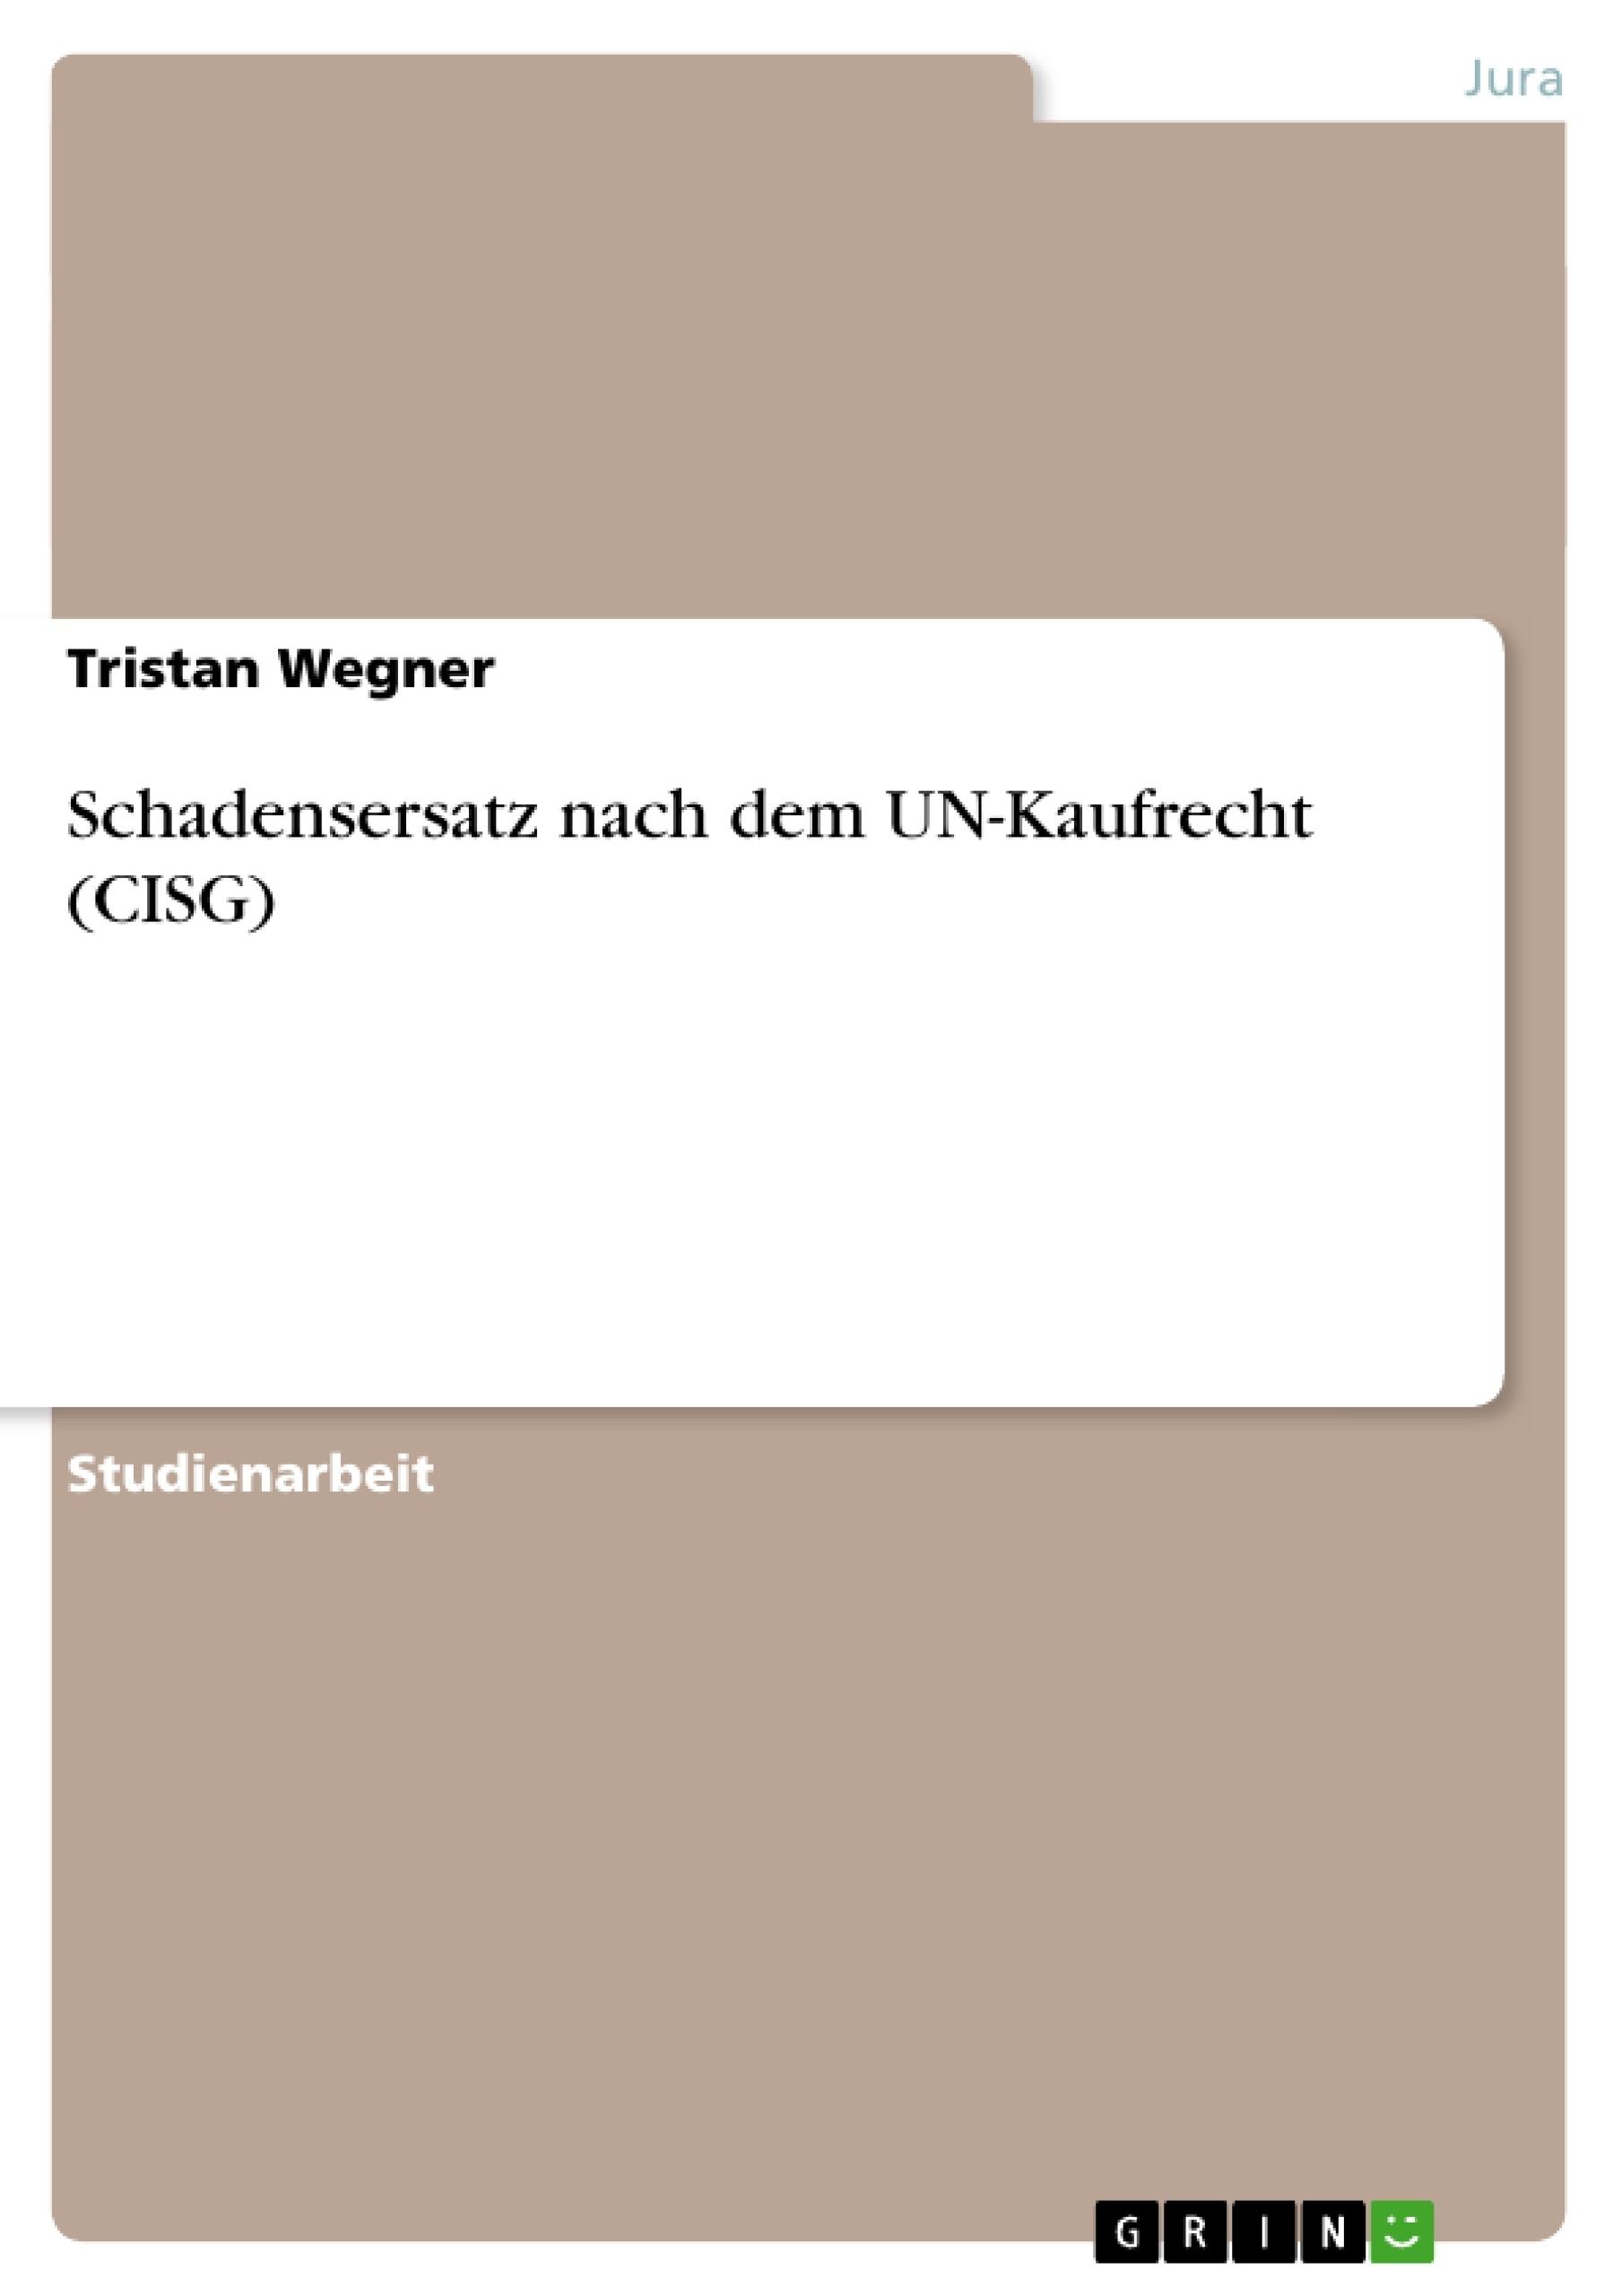 Titel: Schadensersatz nach dem UN-Kaufrecht (CISG)